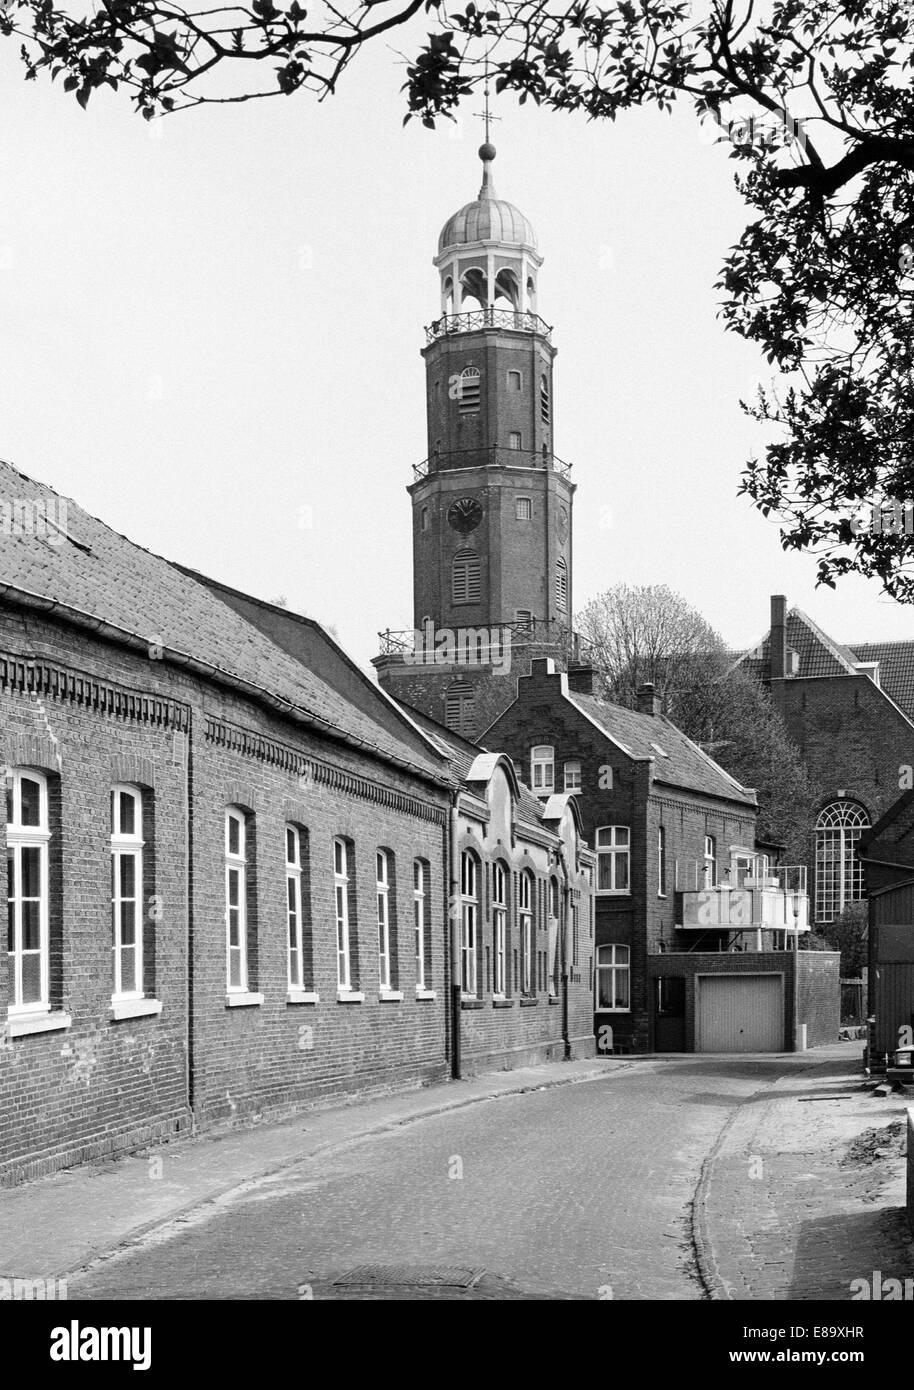 Achtziger Jahre, Grosse Kirche, Evangelisch reformierte Kirche, Wohnhaeuser Reformierter Kirchgang, Leer, Ostfriesland, - Stock Image